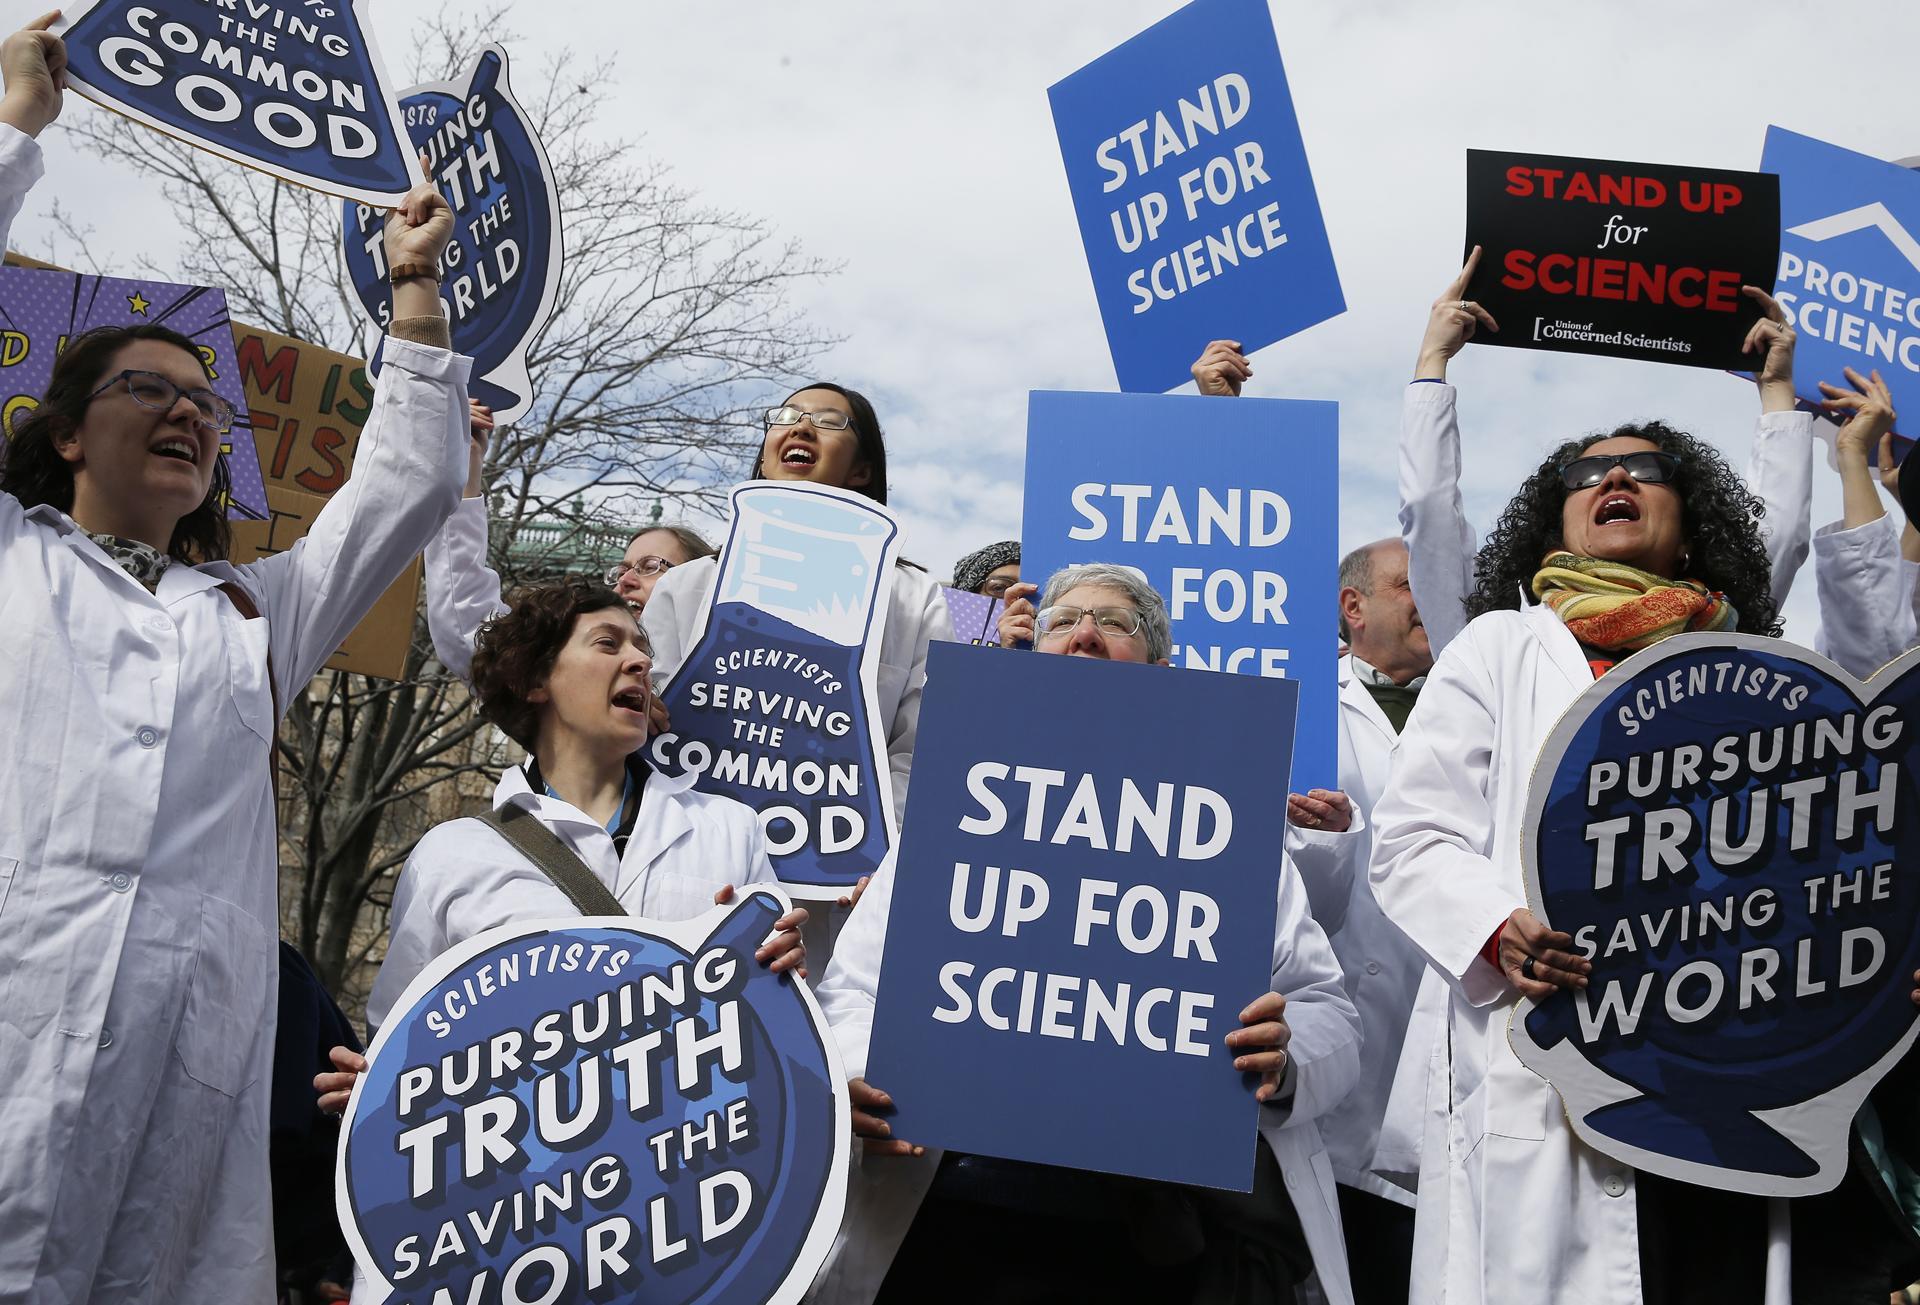 В Австралии и Новой Зеландии стартовал марш во имя науки